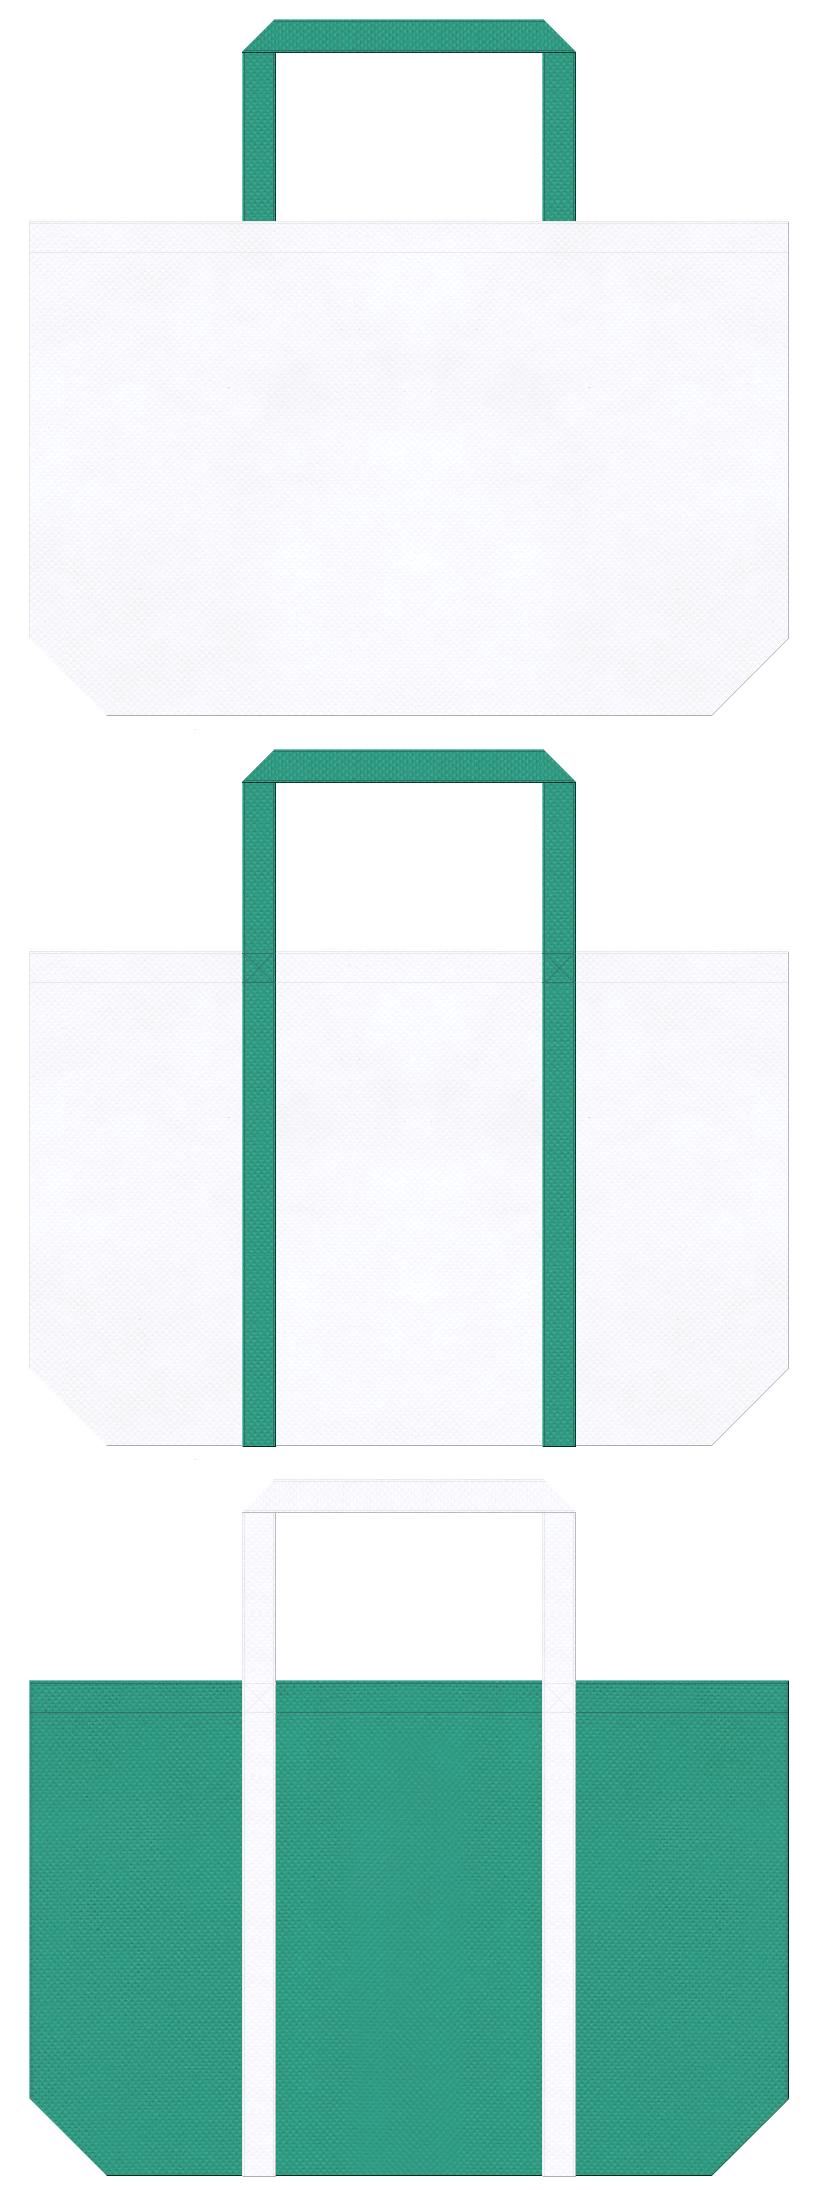 白色と青緑色の不織布バッグデザイン:清潔・クールなイメージで、ランドリーバッグにお奨めの配色です。